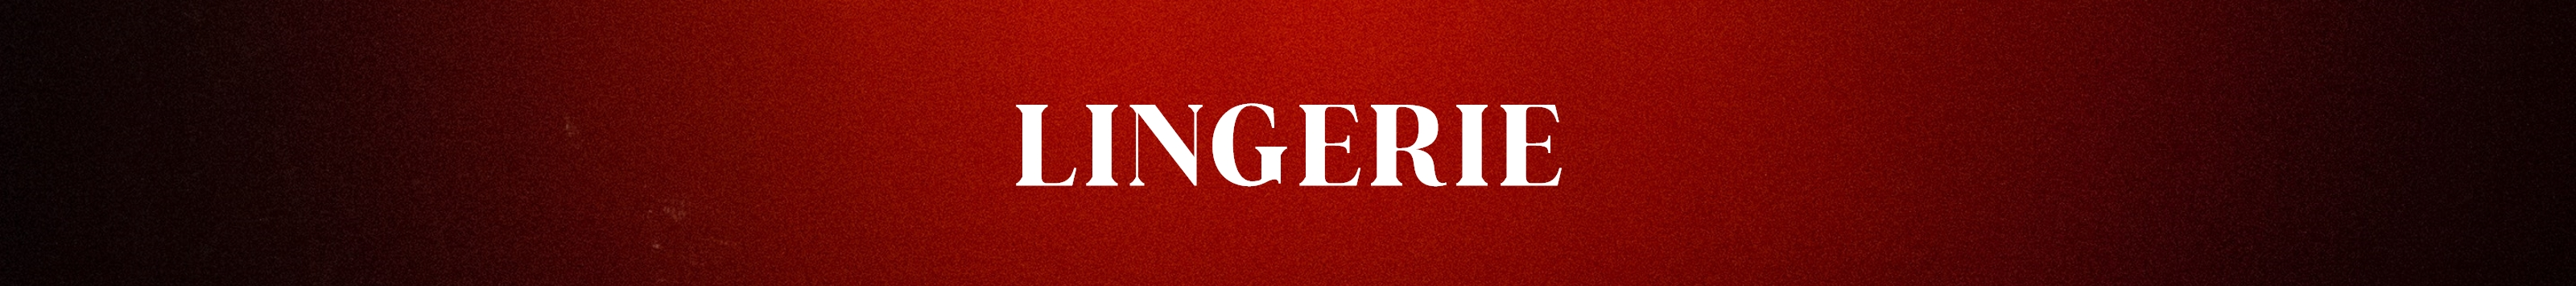 banner-category-sale-lingerie-1.jpg